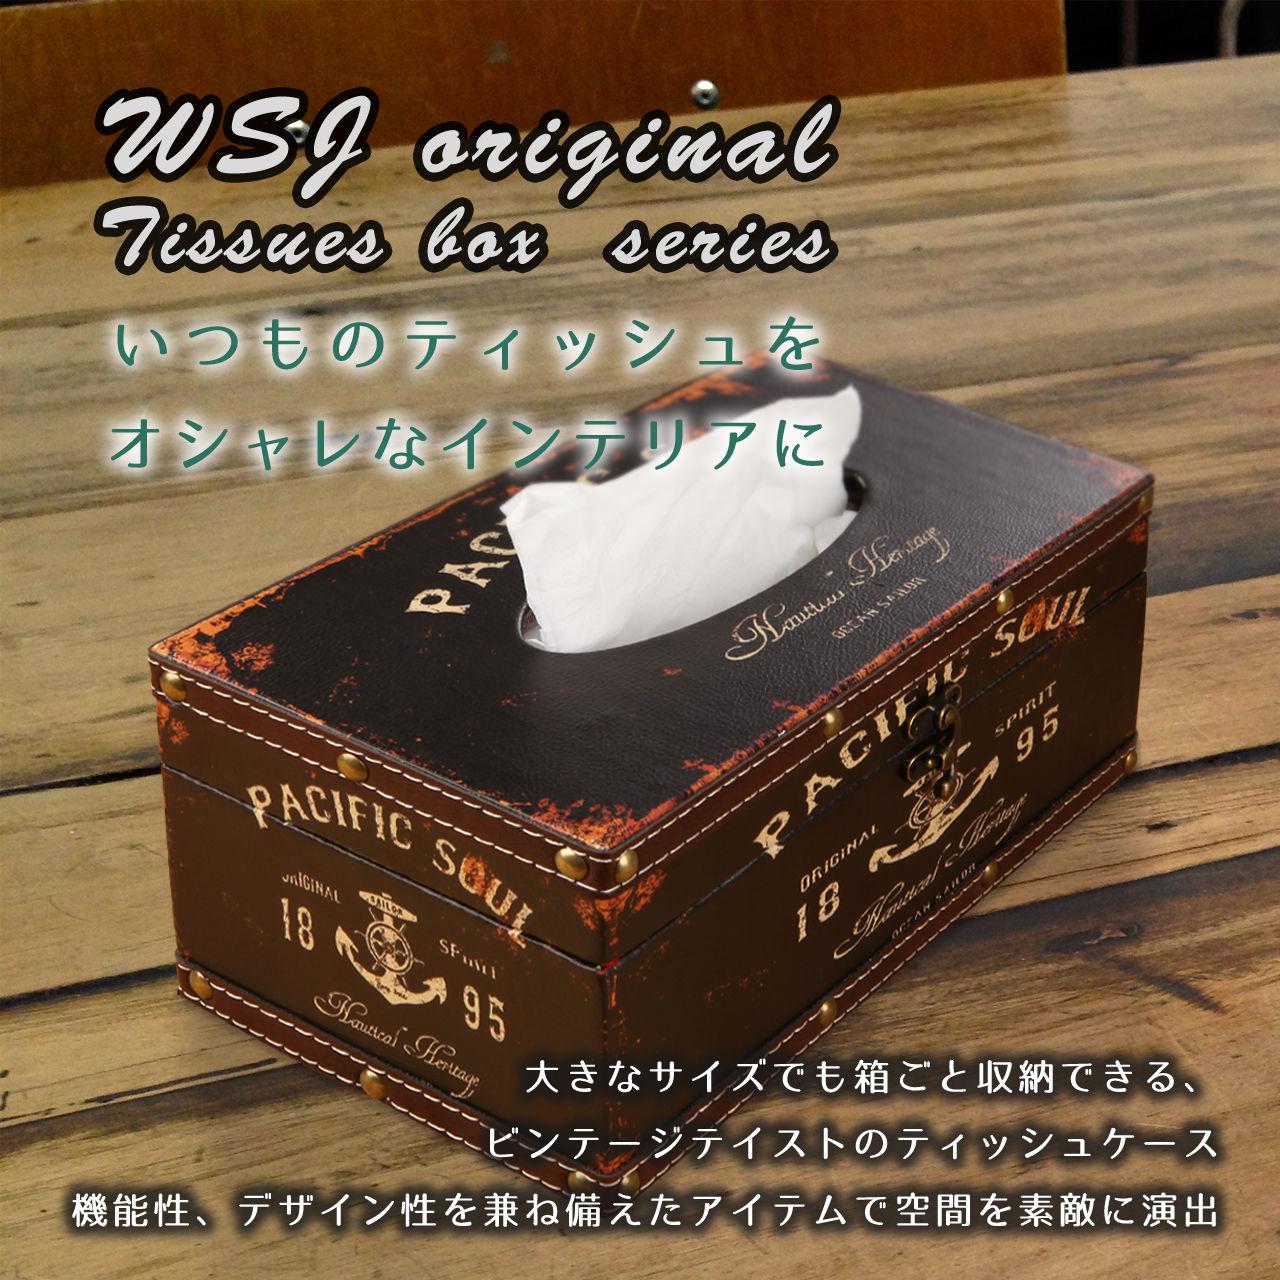 WSJ ティッシュケース 箱ごと入る ティッシュボックス おしゃれ アンティーク 木製 (ブラック)